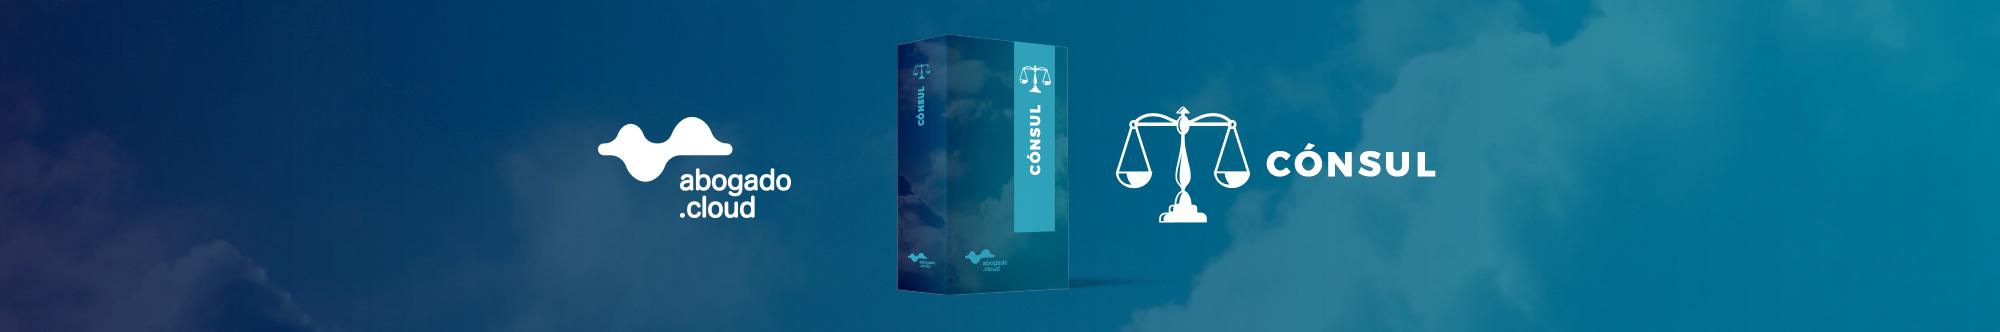 Cloud para abogados